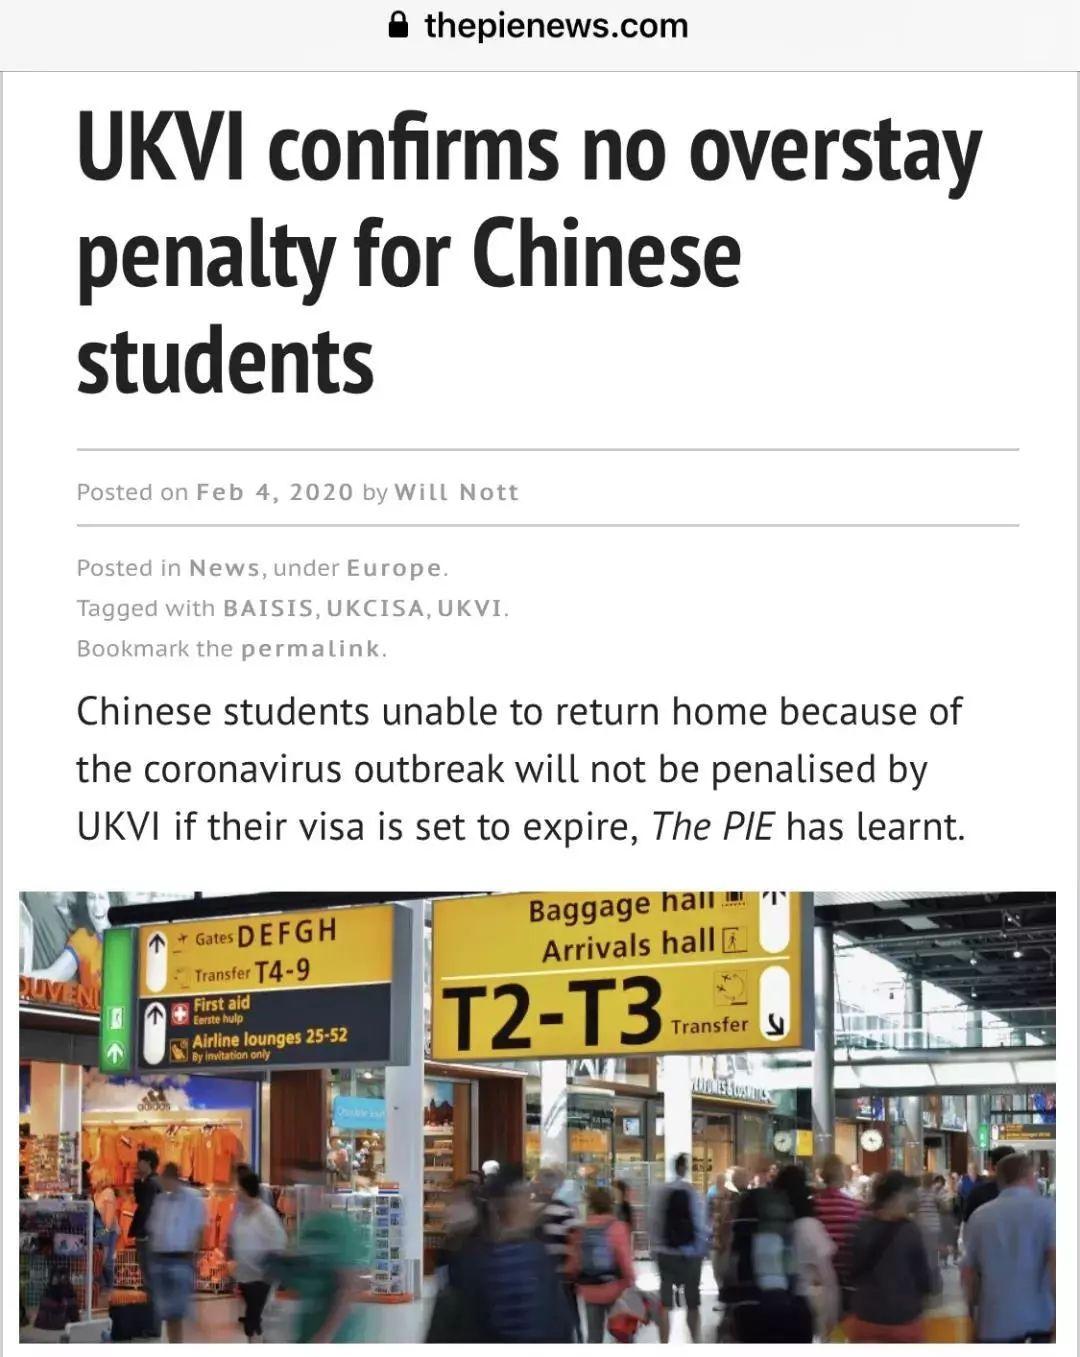 英国签证和移民局UKVI针对中国滞留学生出新政